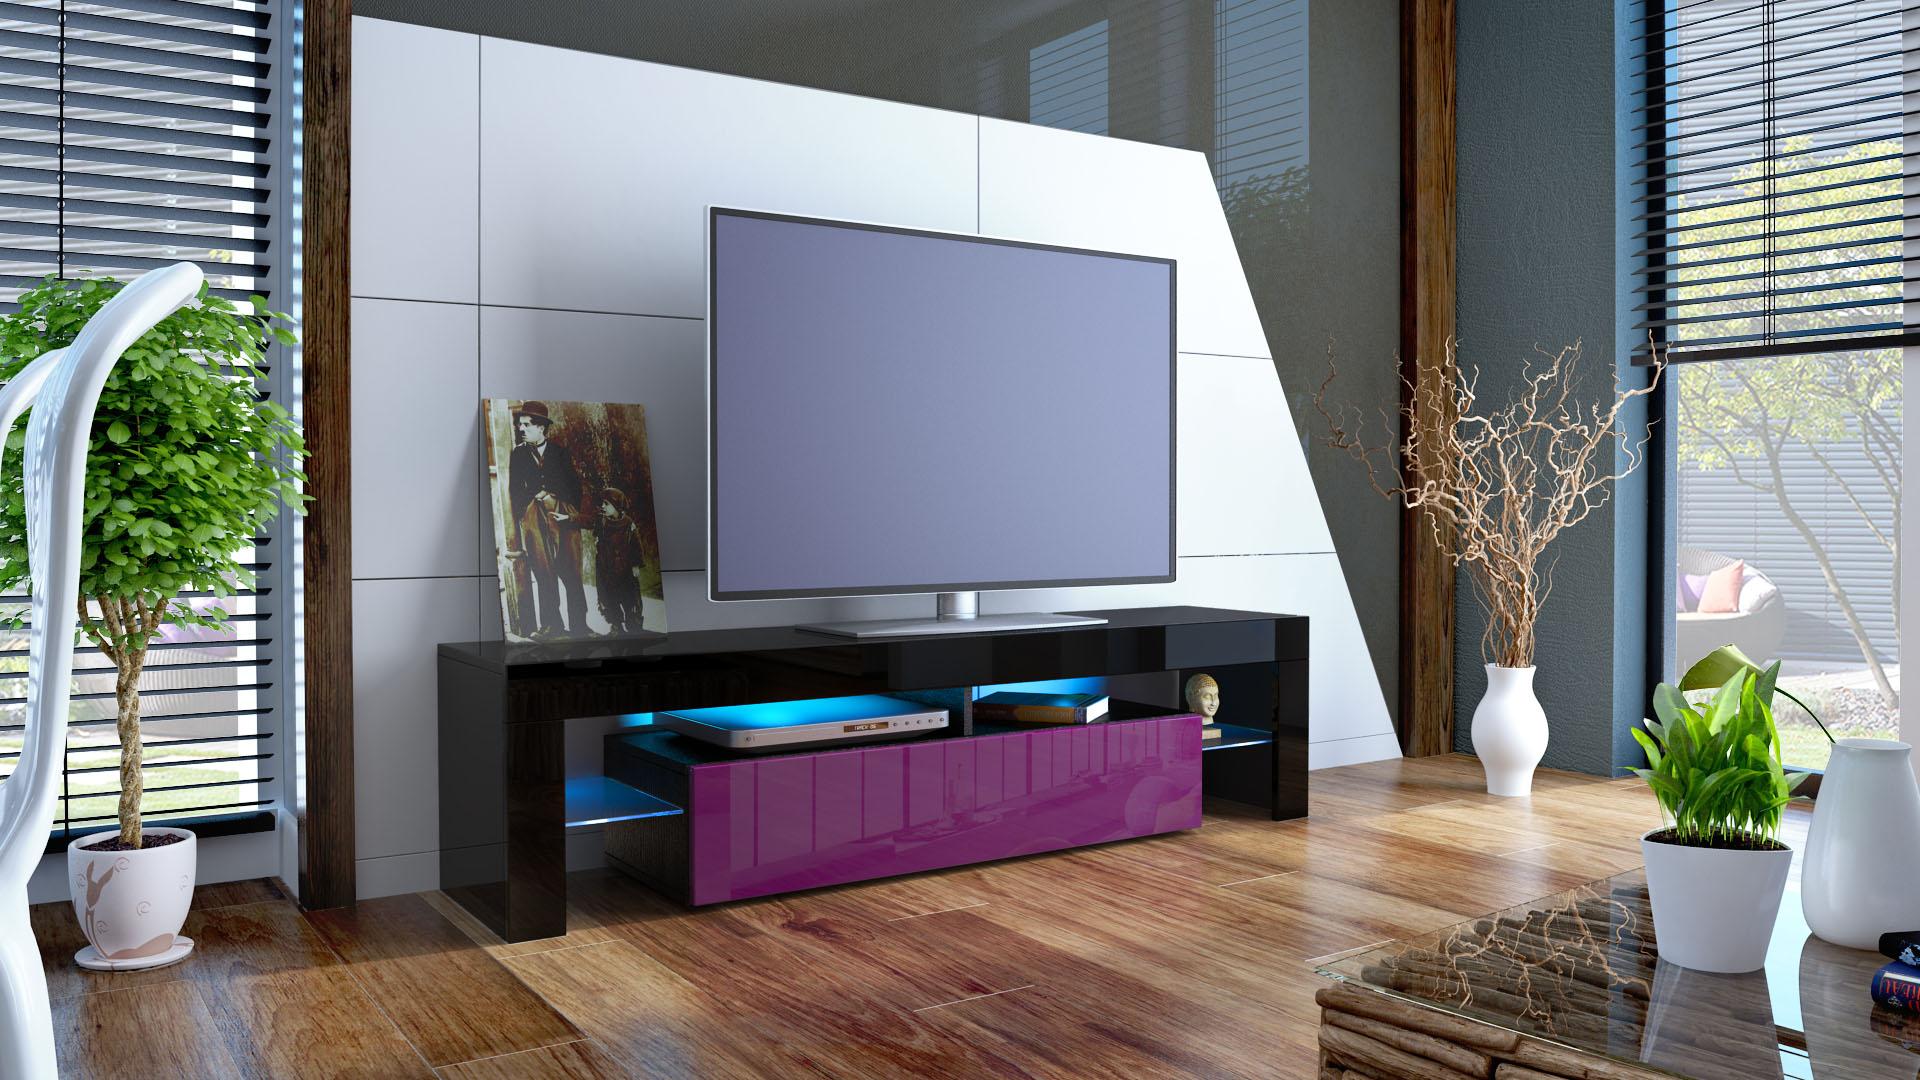 tv lowboard fernseh board schrank tisch m bel rack regal. Black Bedroom Furniture Sets. Home Design Ideas